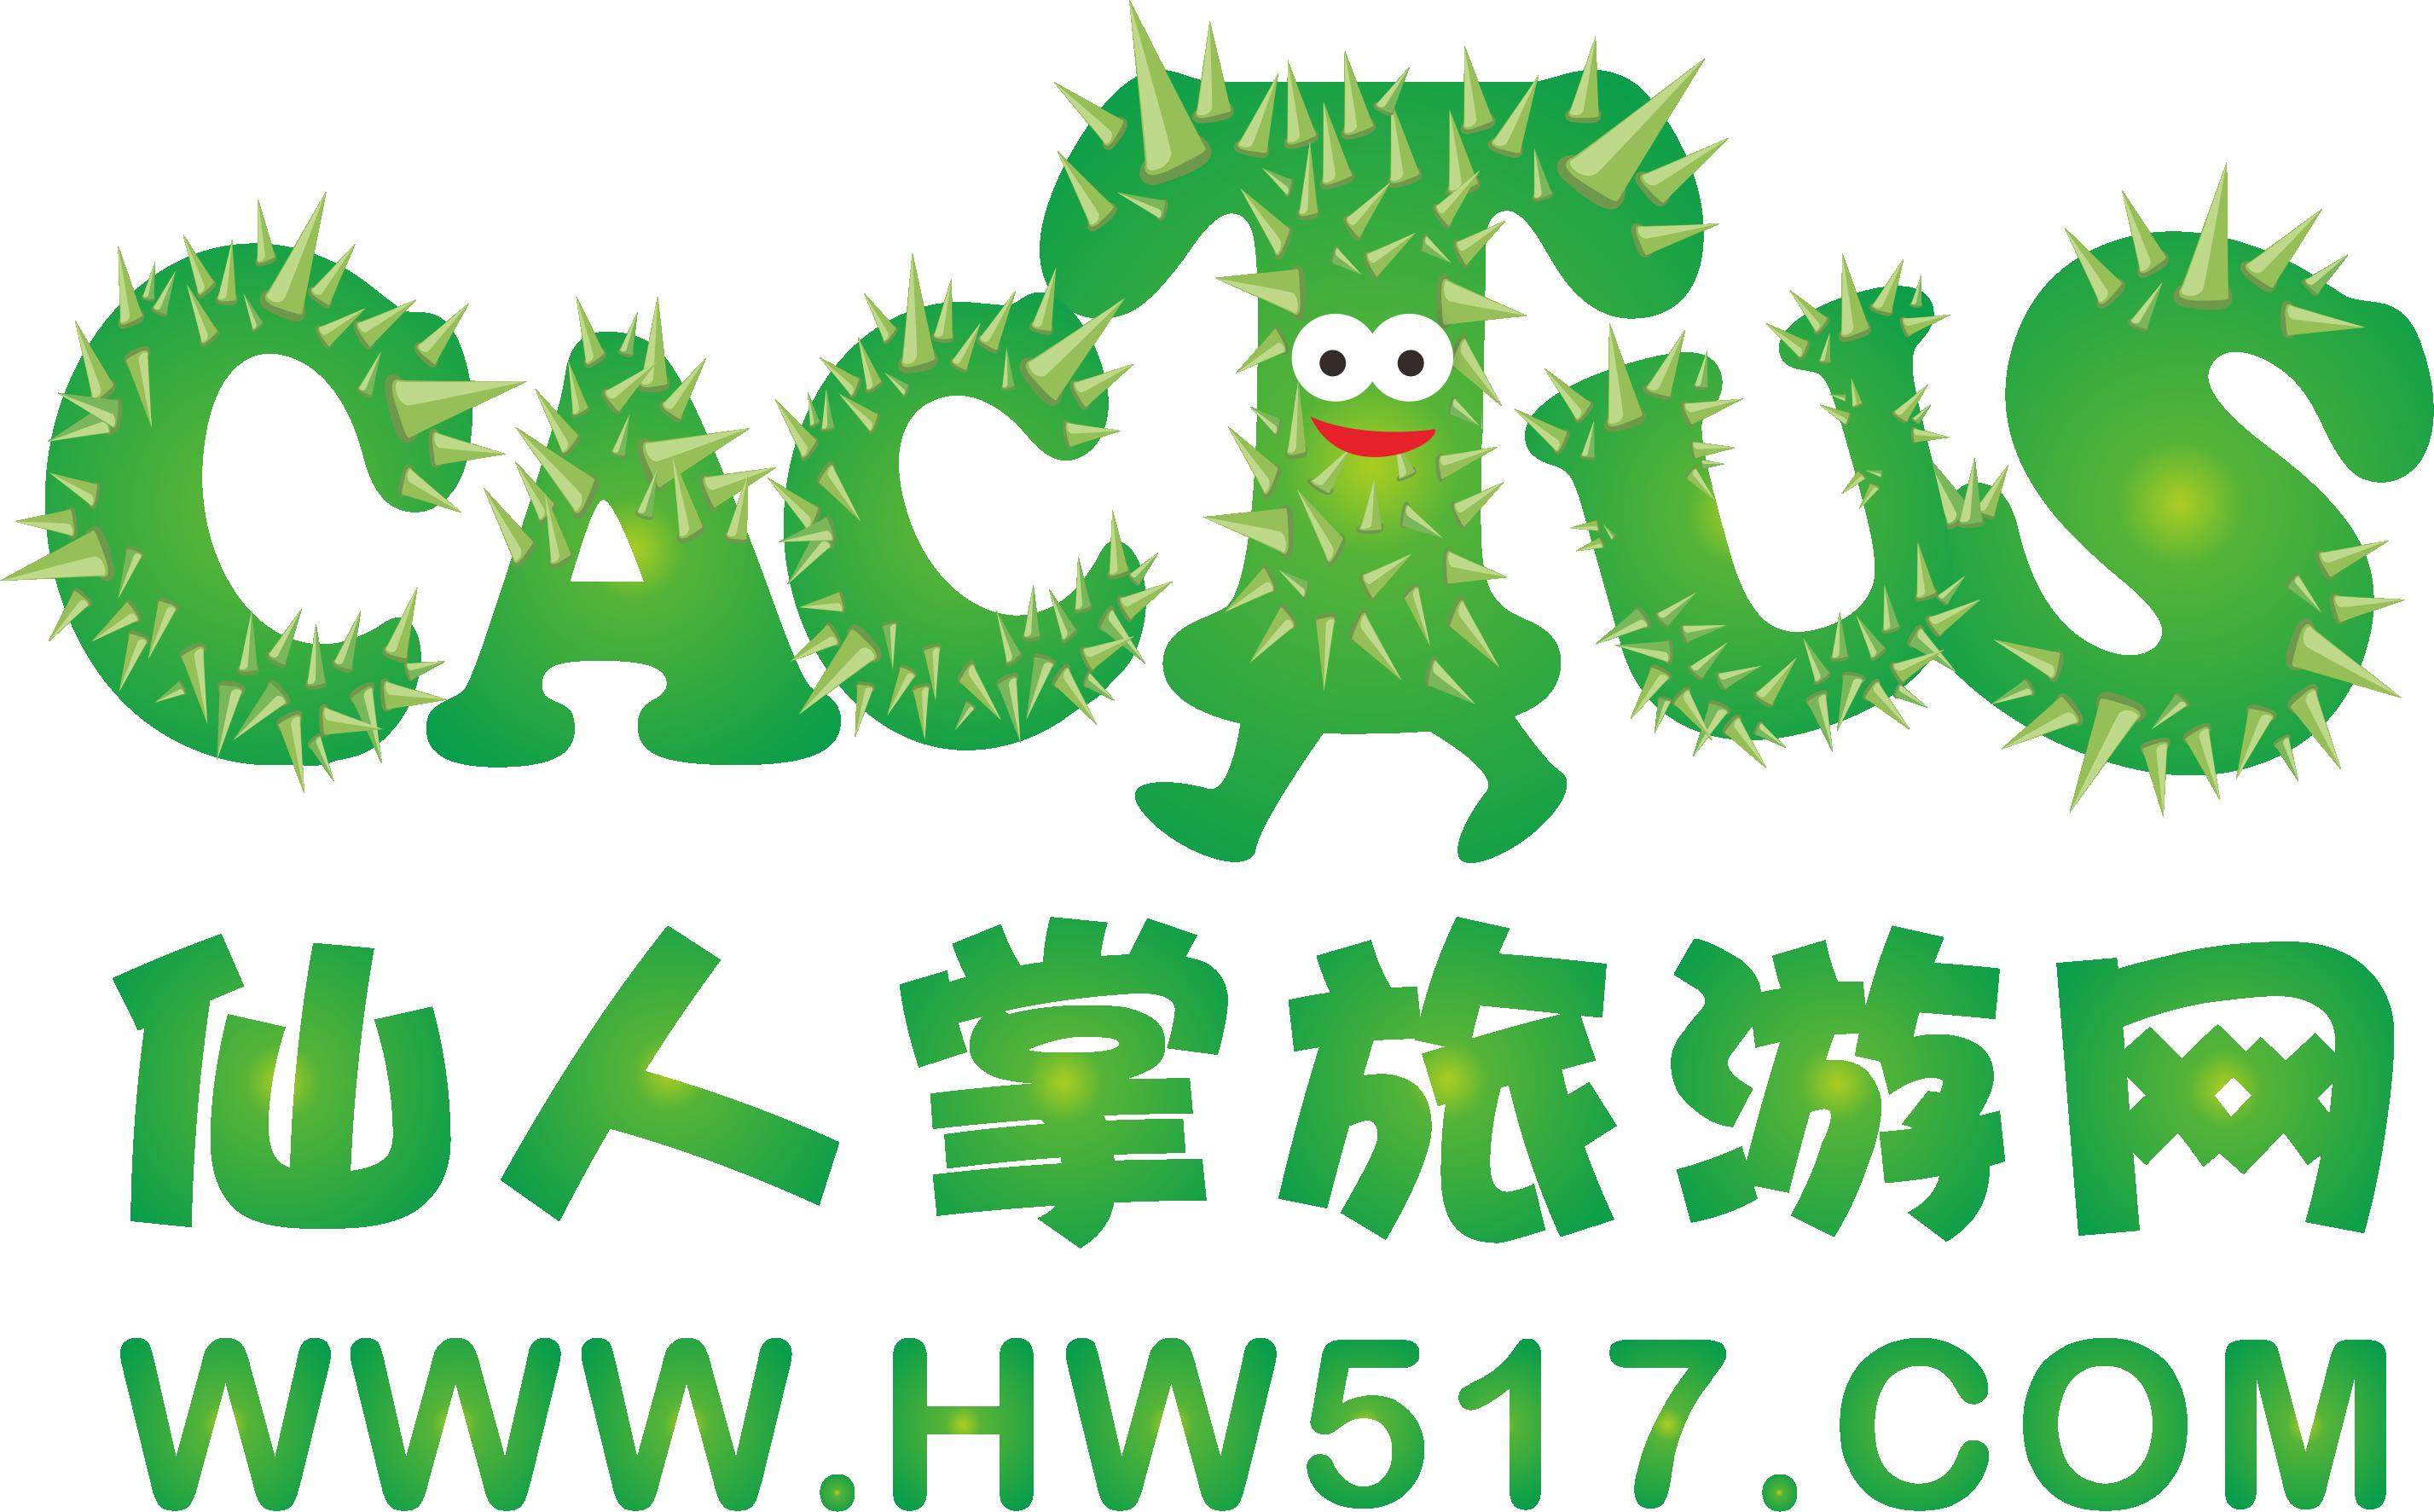 【仙人掌旅游】上海大观园、周庄、上海东方明珠塔、城隍庙二日游